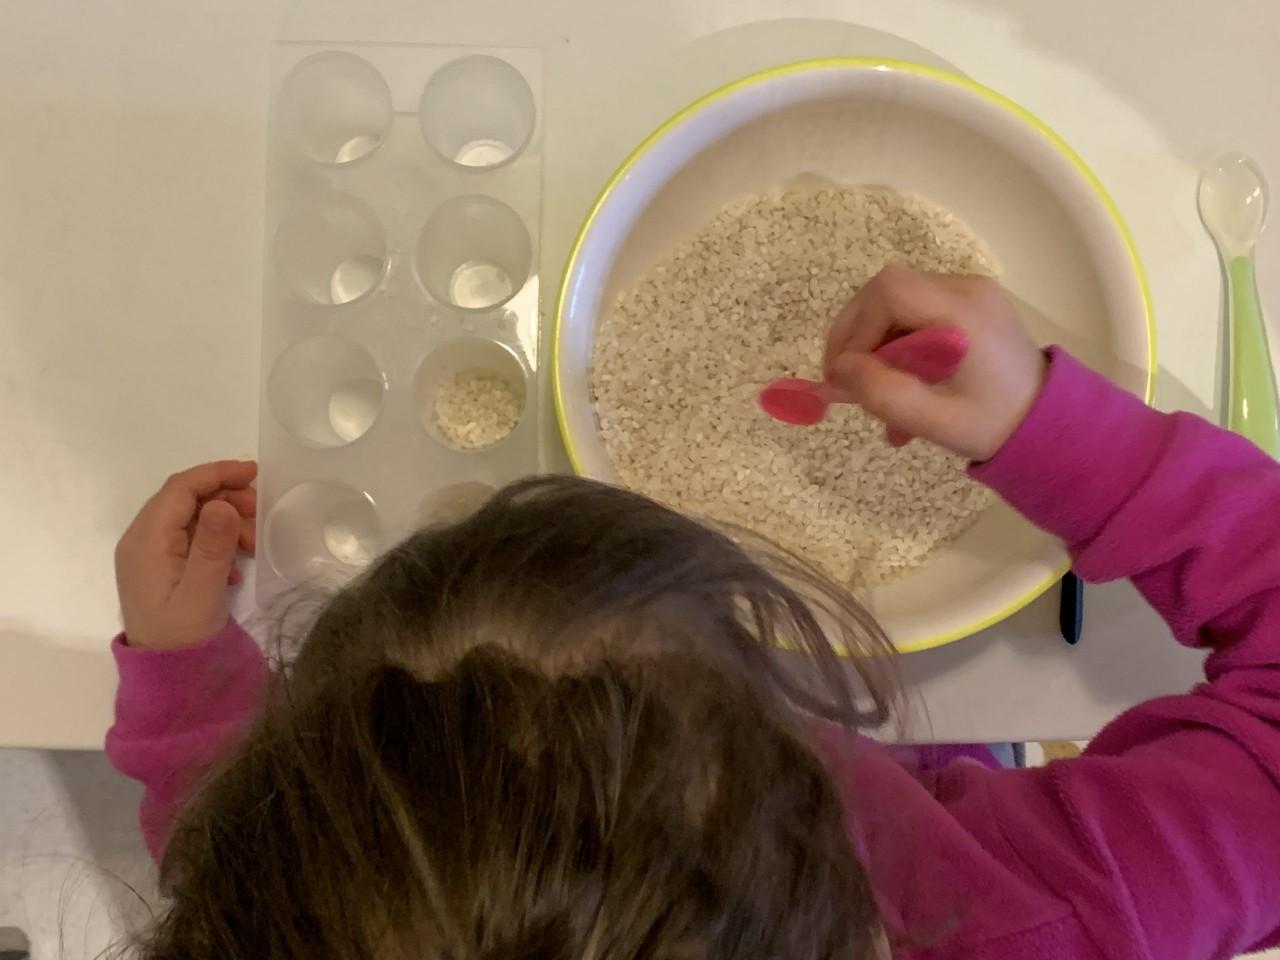 corona virus attività per bambini piccoli